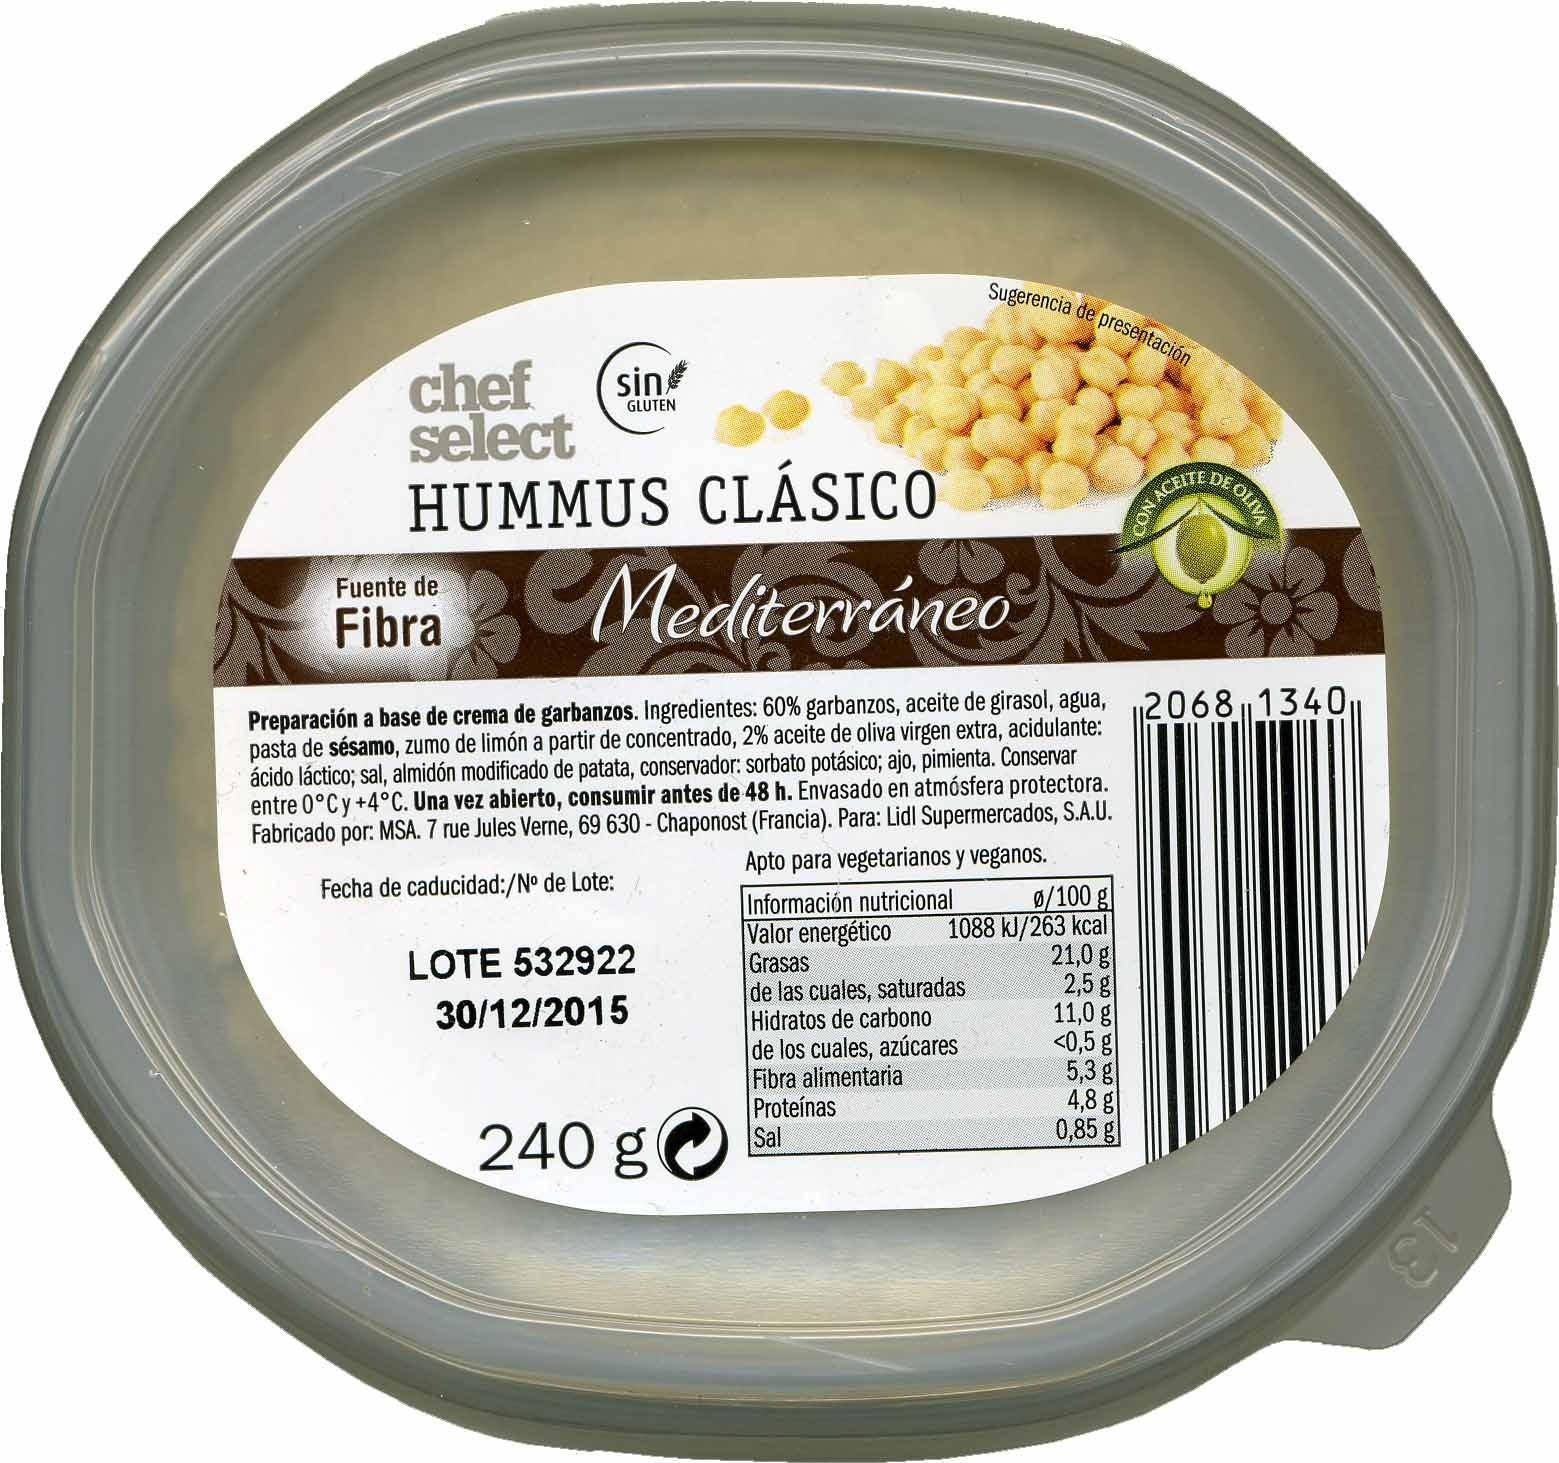 Hummus clásico - Producto - es